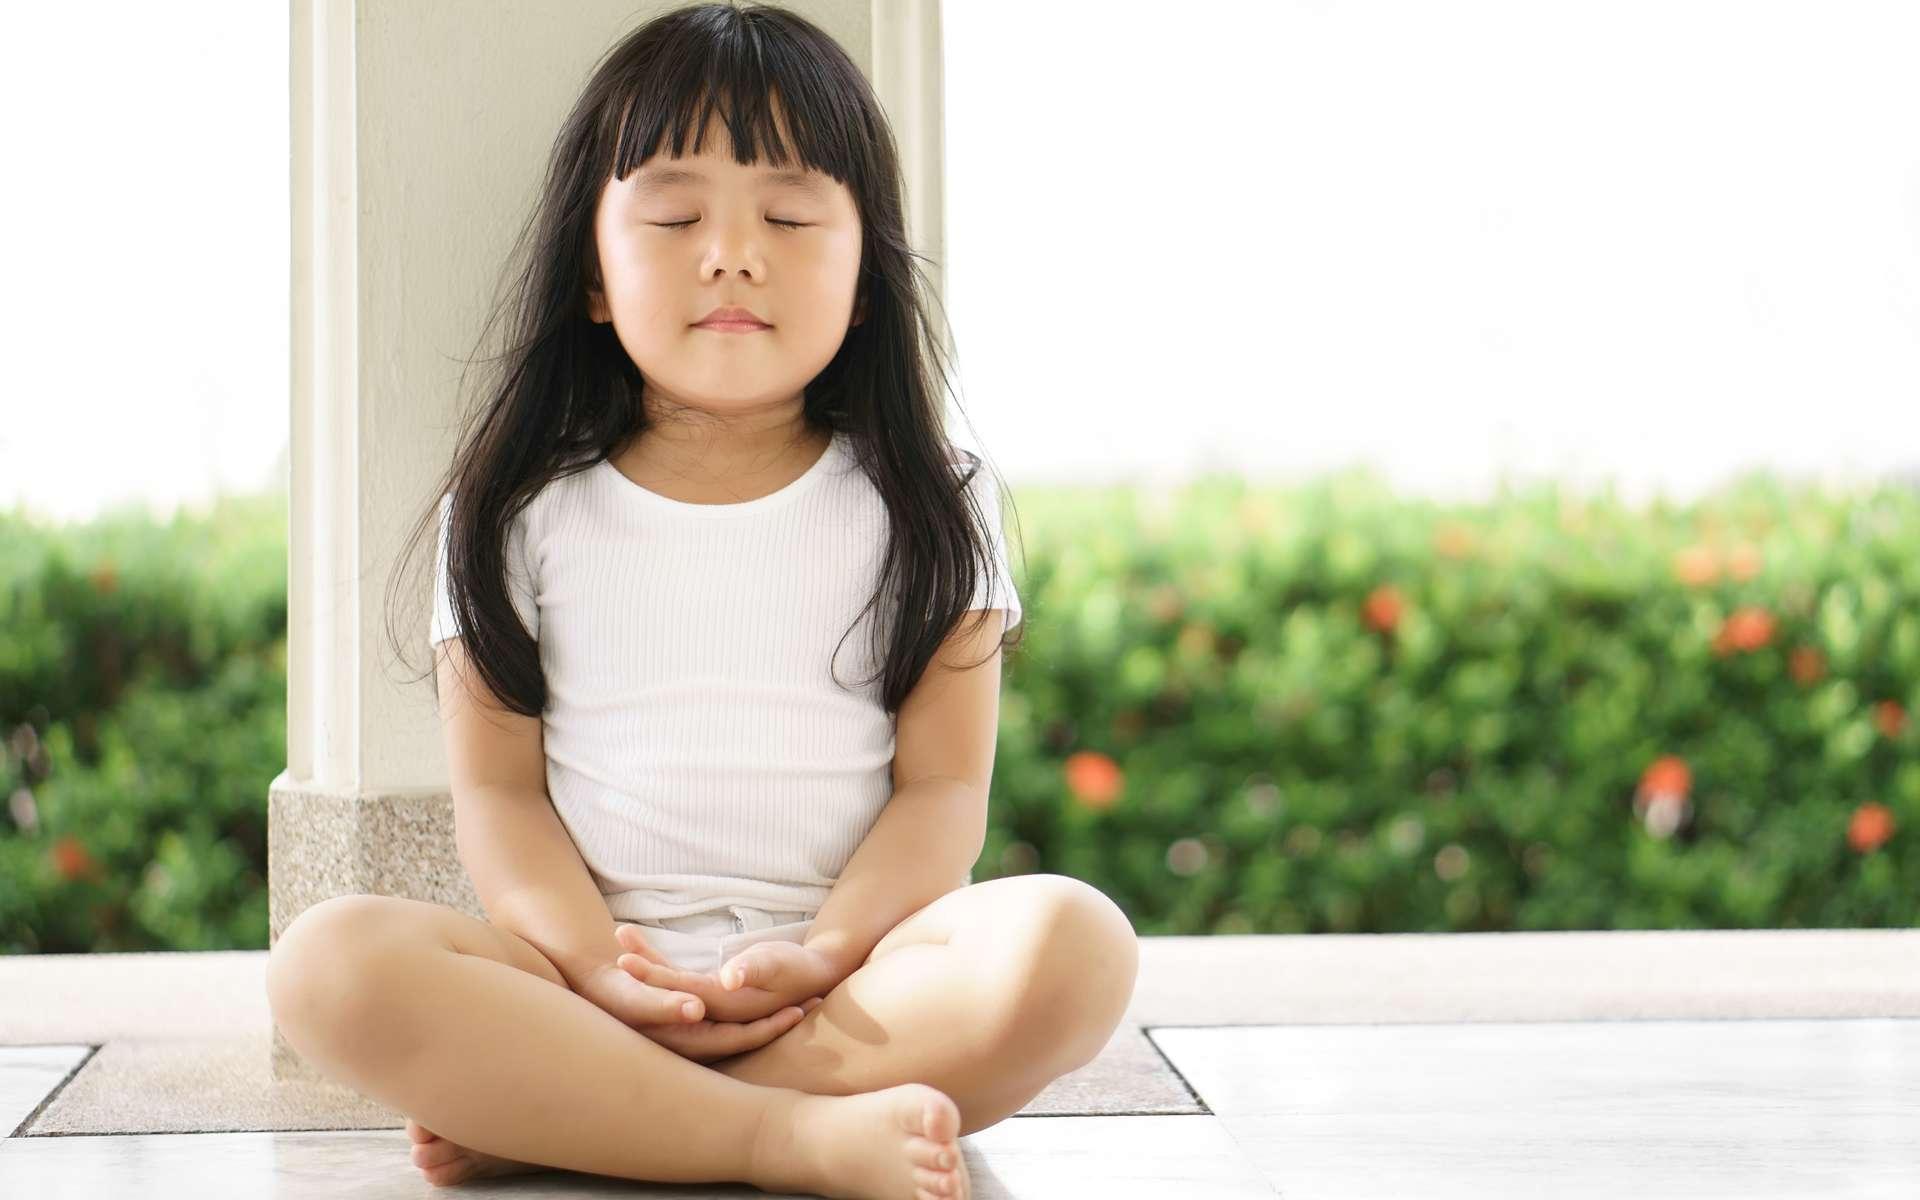 La méditation à l'école pourrait aider les enfants à comprendre et accepter leurs émotions. © Kornnphoto, Adobe Stock